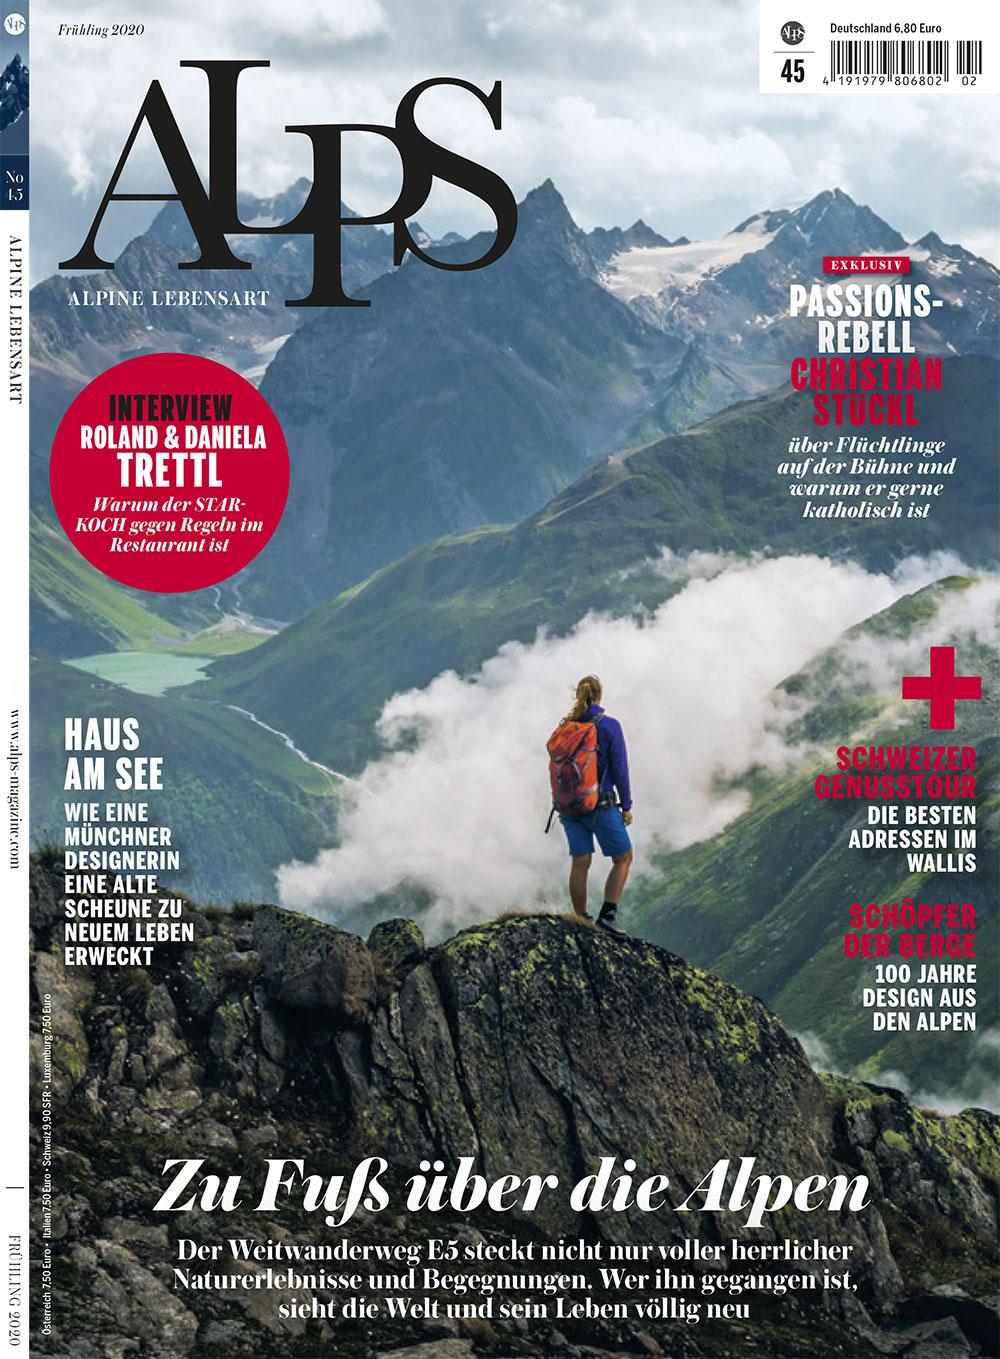 ALPS #45 / Cover Frühjahr 2020